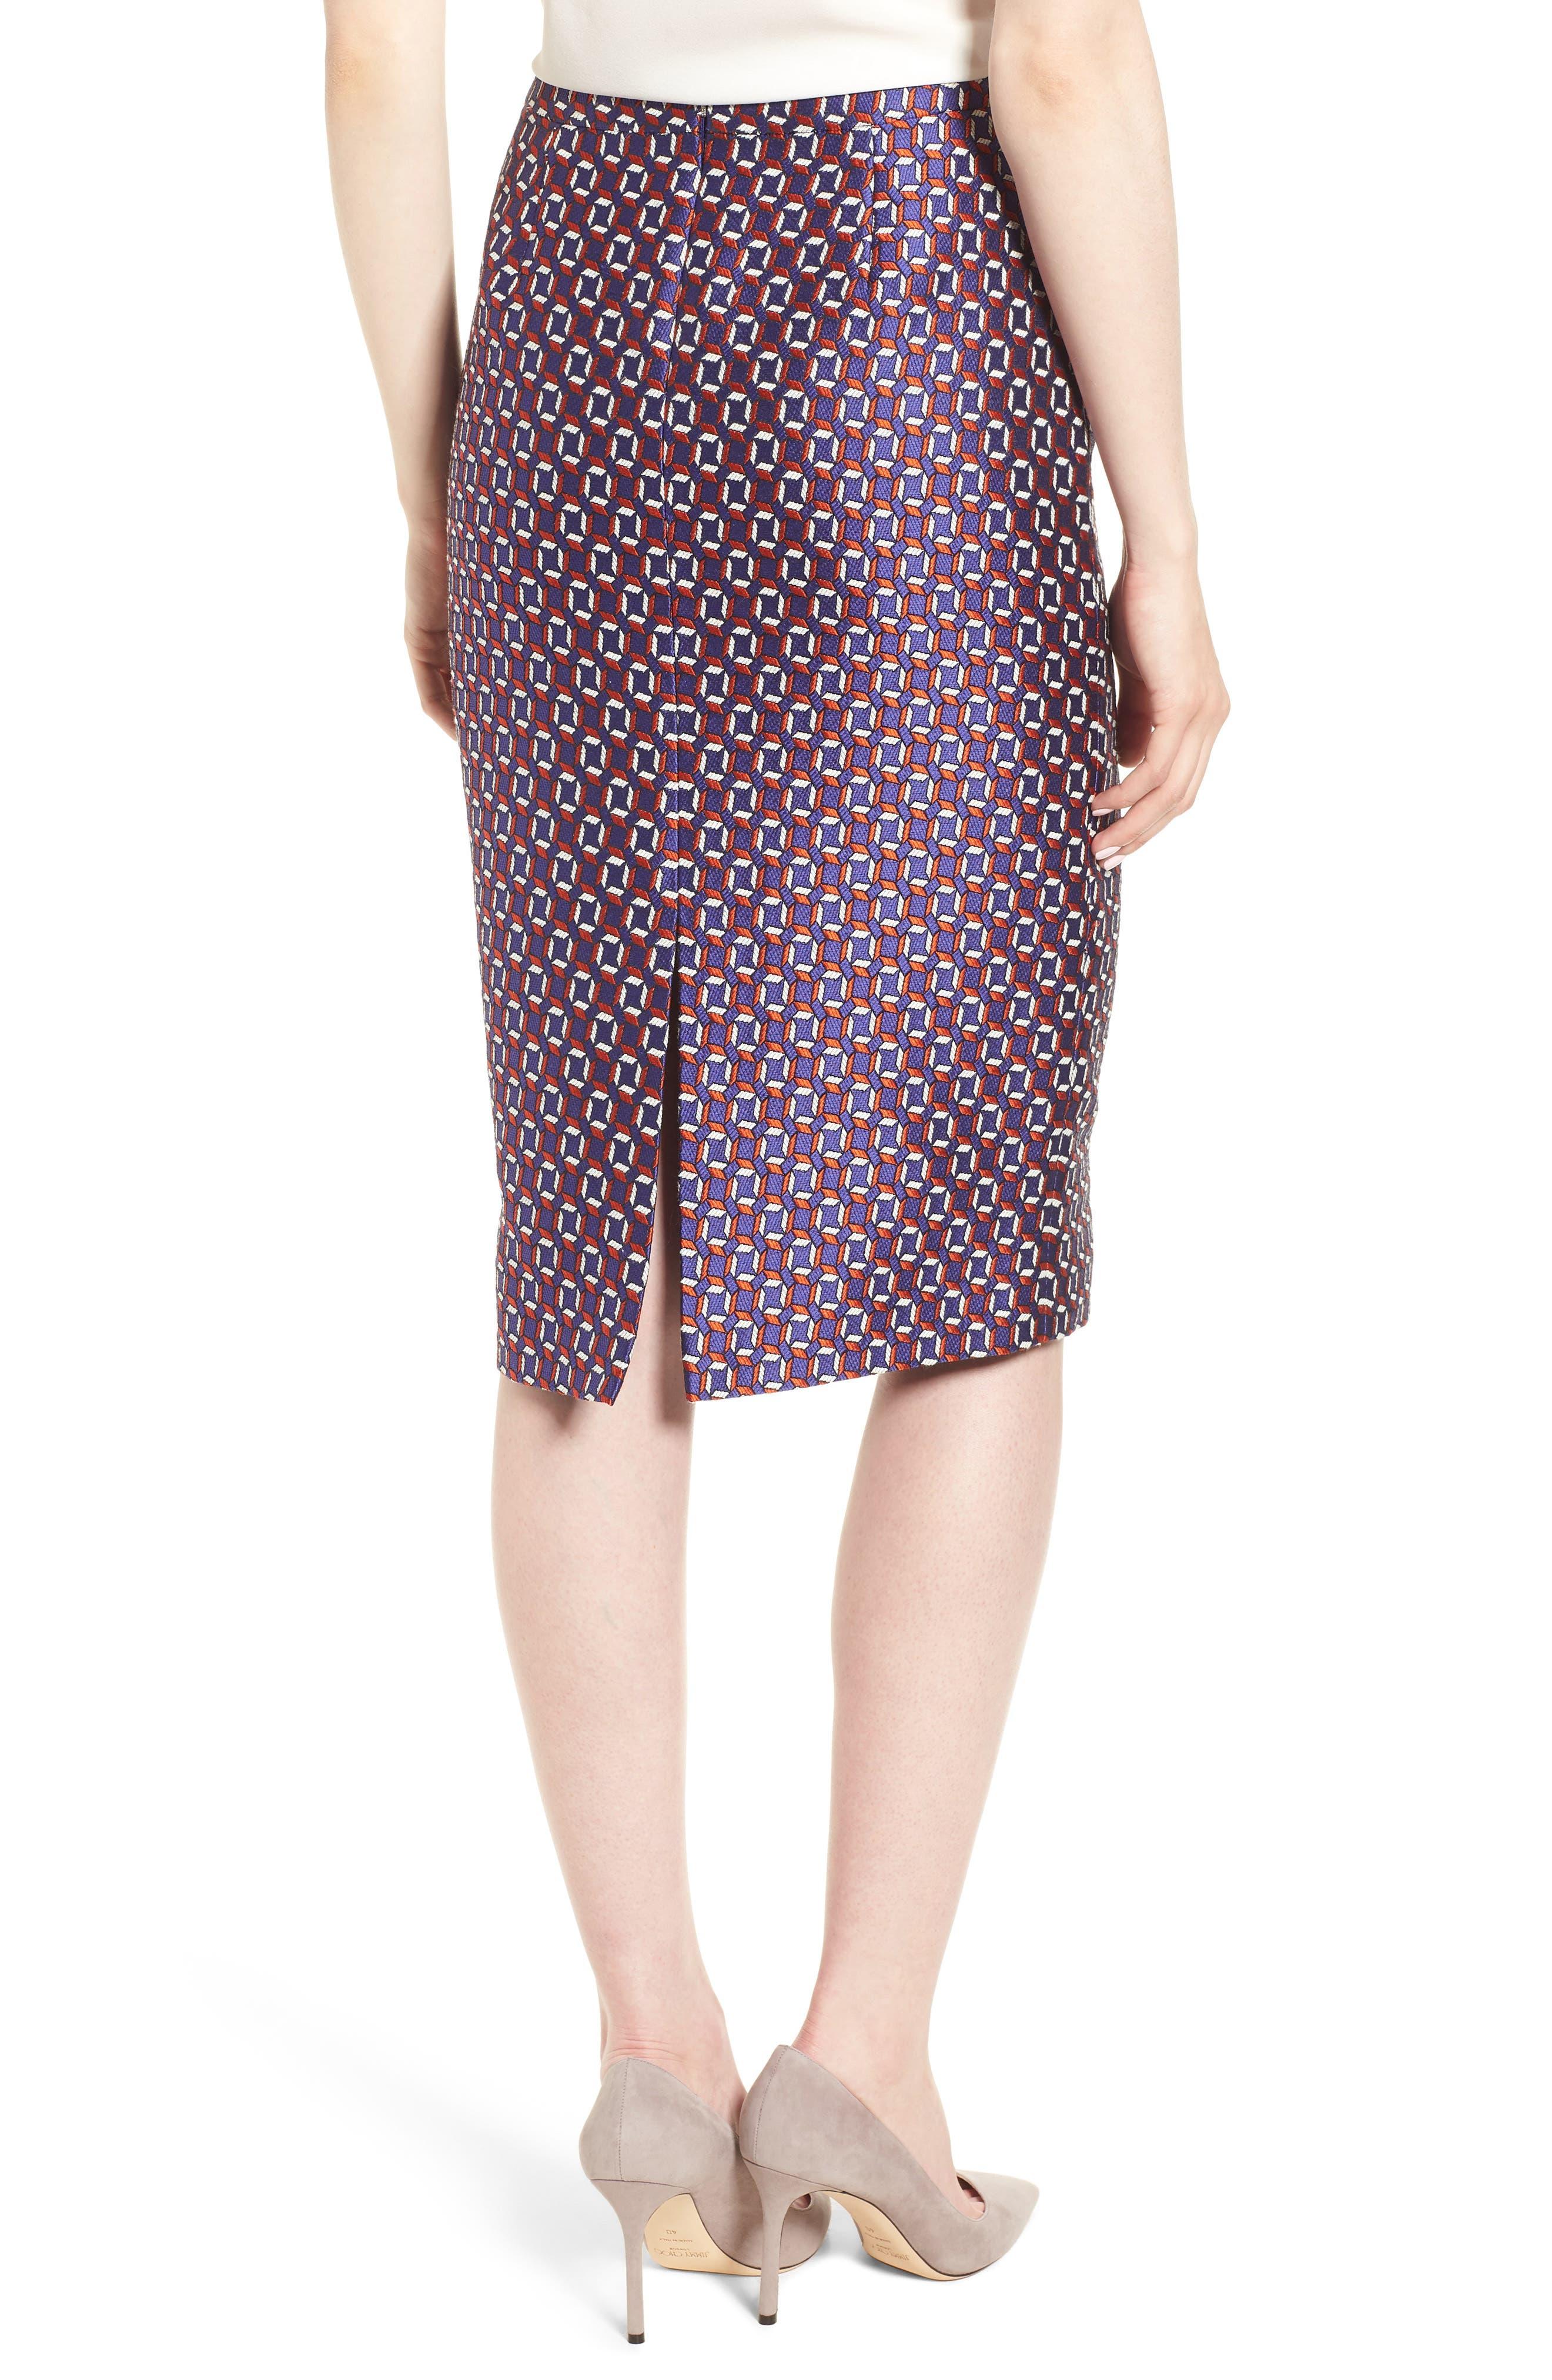 Varines Jacquard Pencil Skirt,                             Alternate thumbnail 2, color,                             575